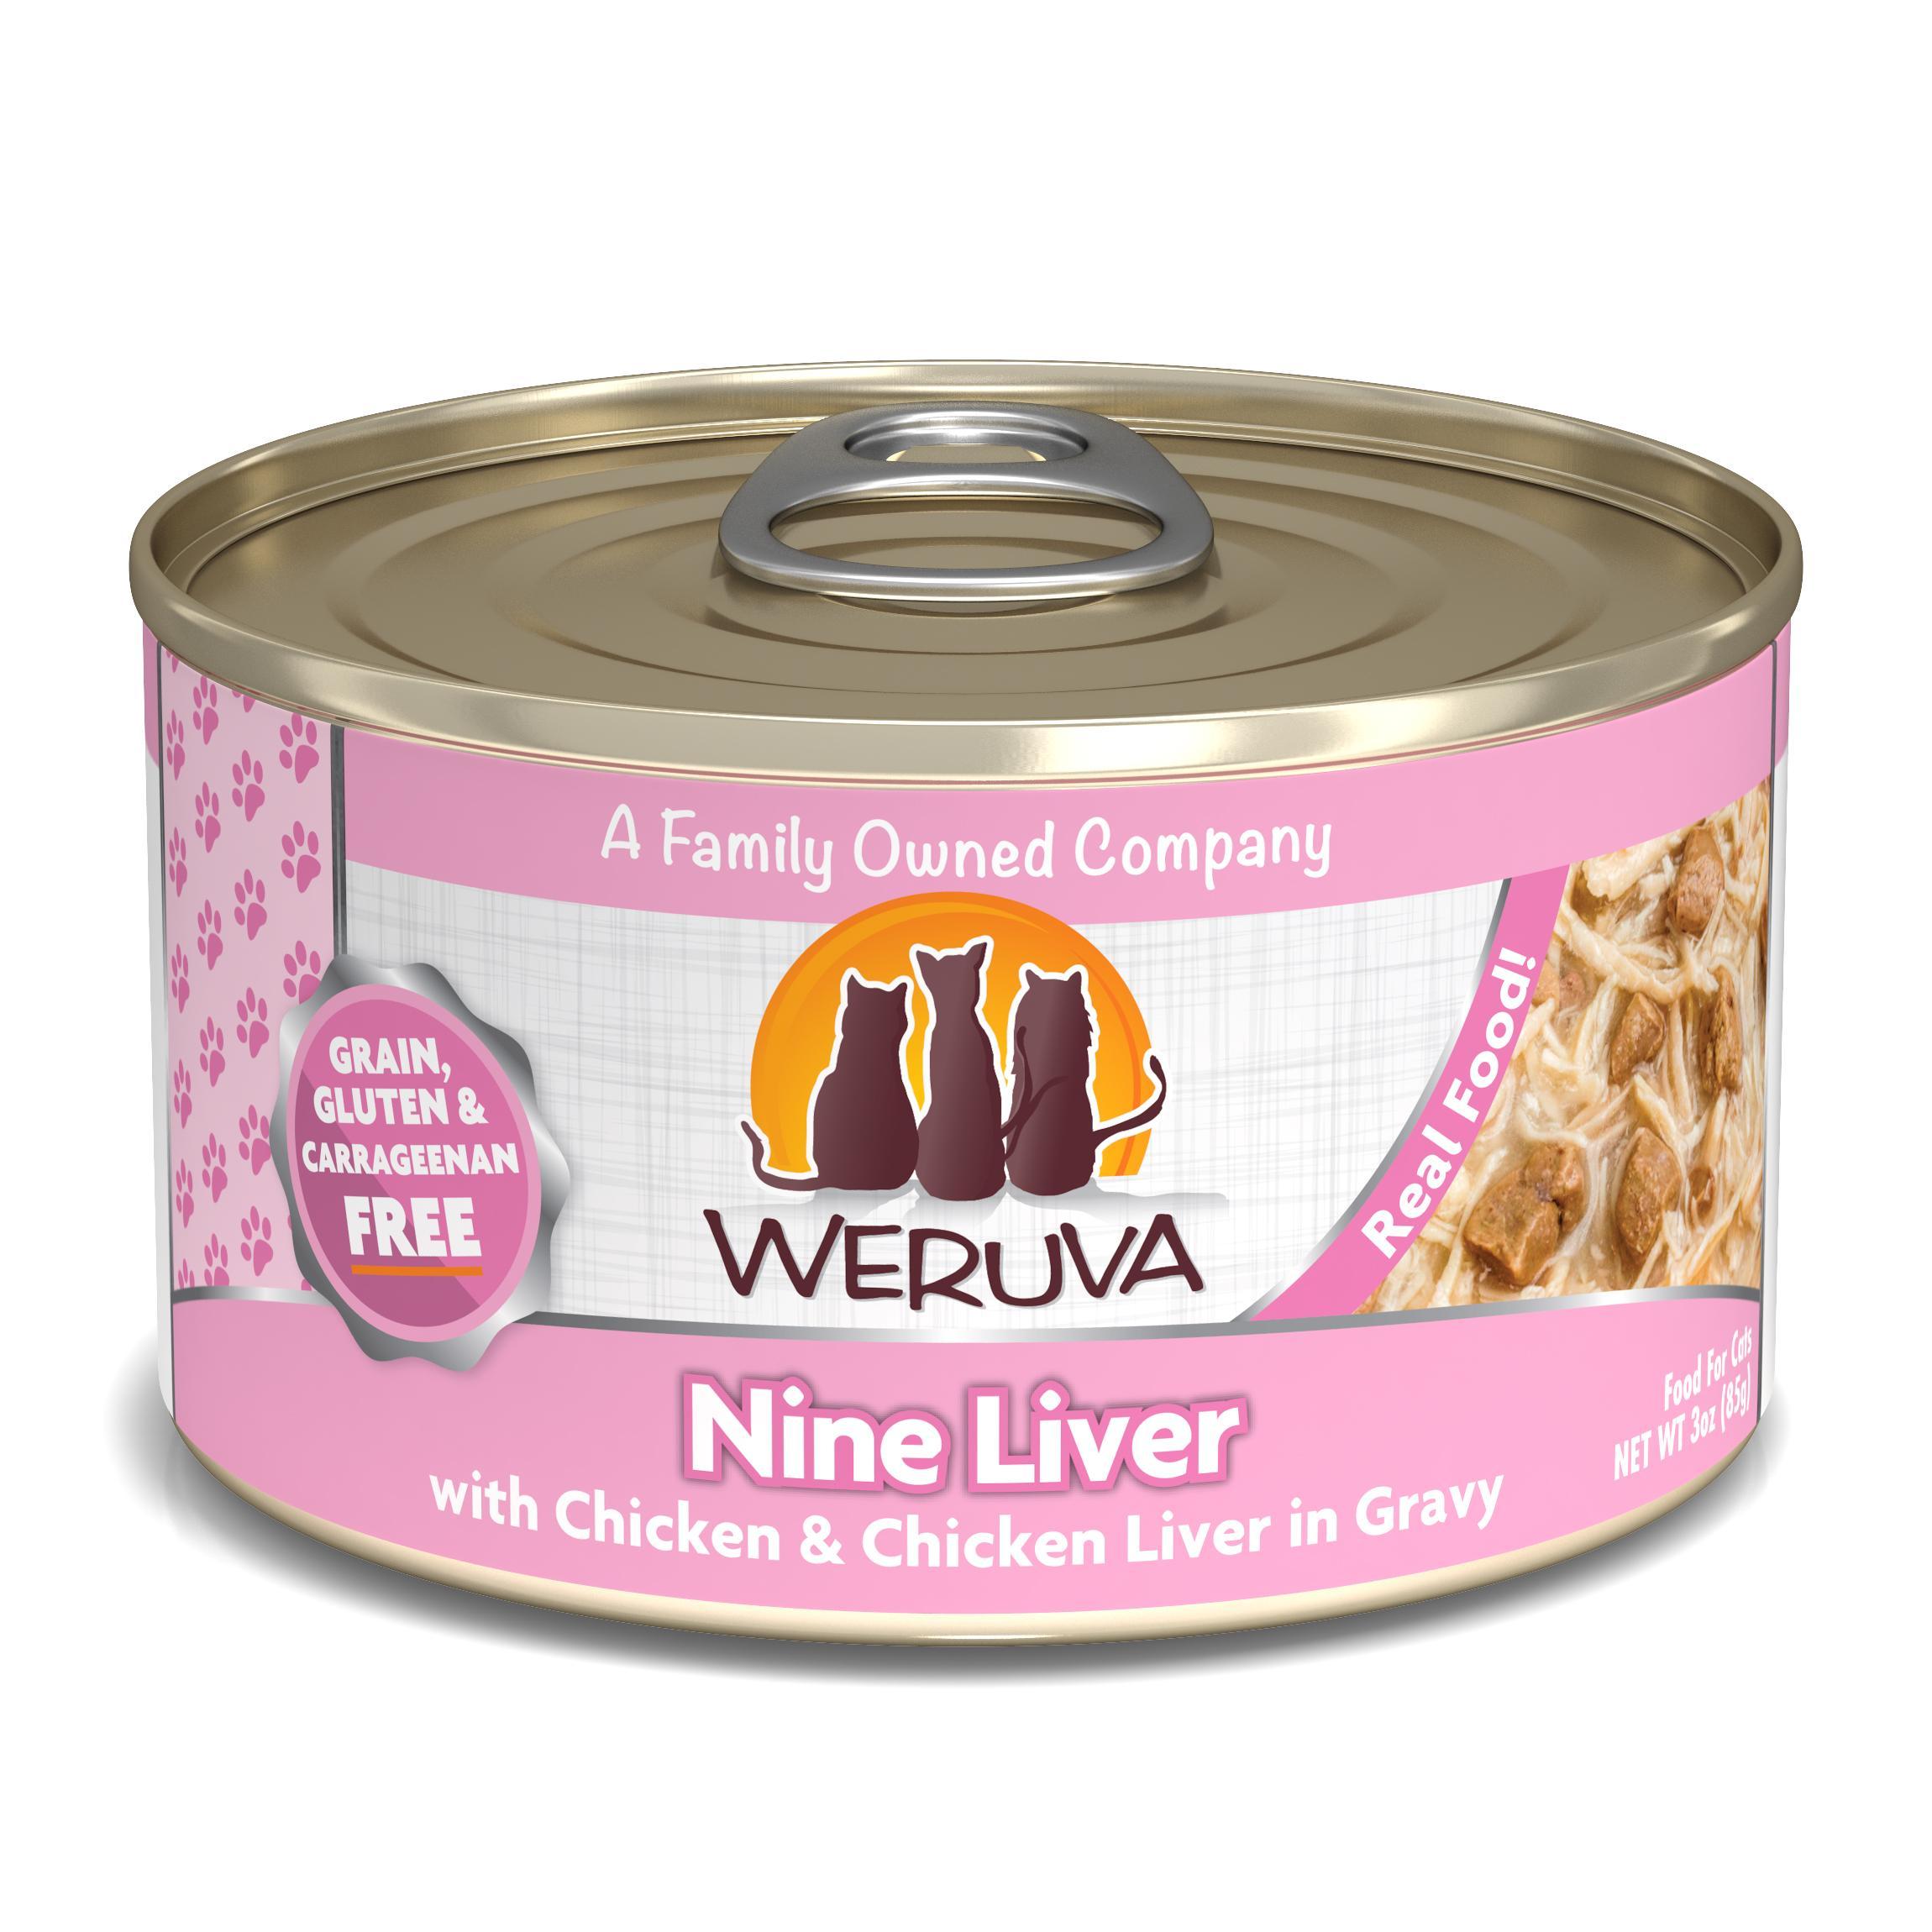 Weruva Cat Classic Nine Liver with Chicken & Chicken Liver in Gravy Grain-Free Wet Cat Food Image